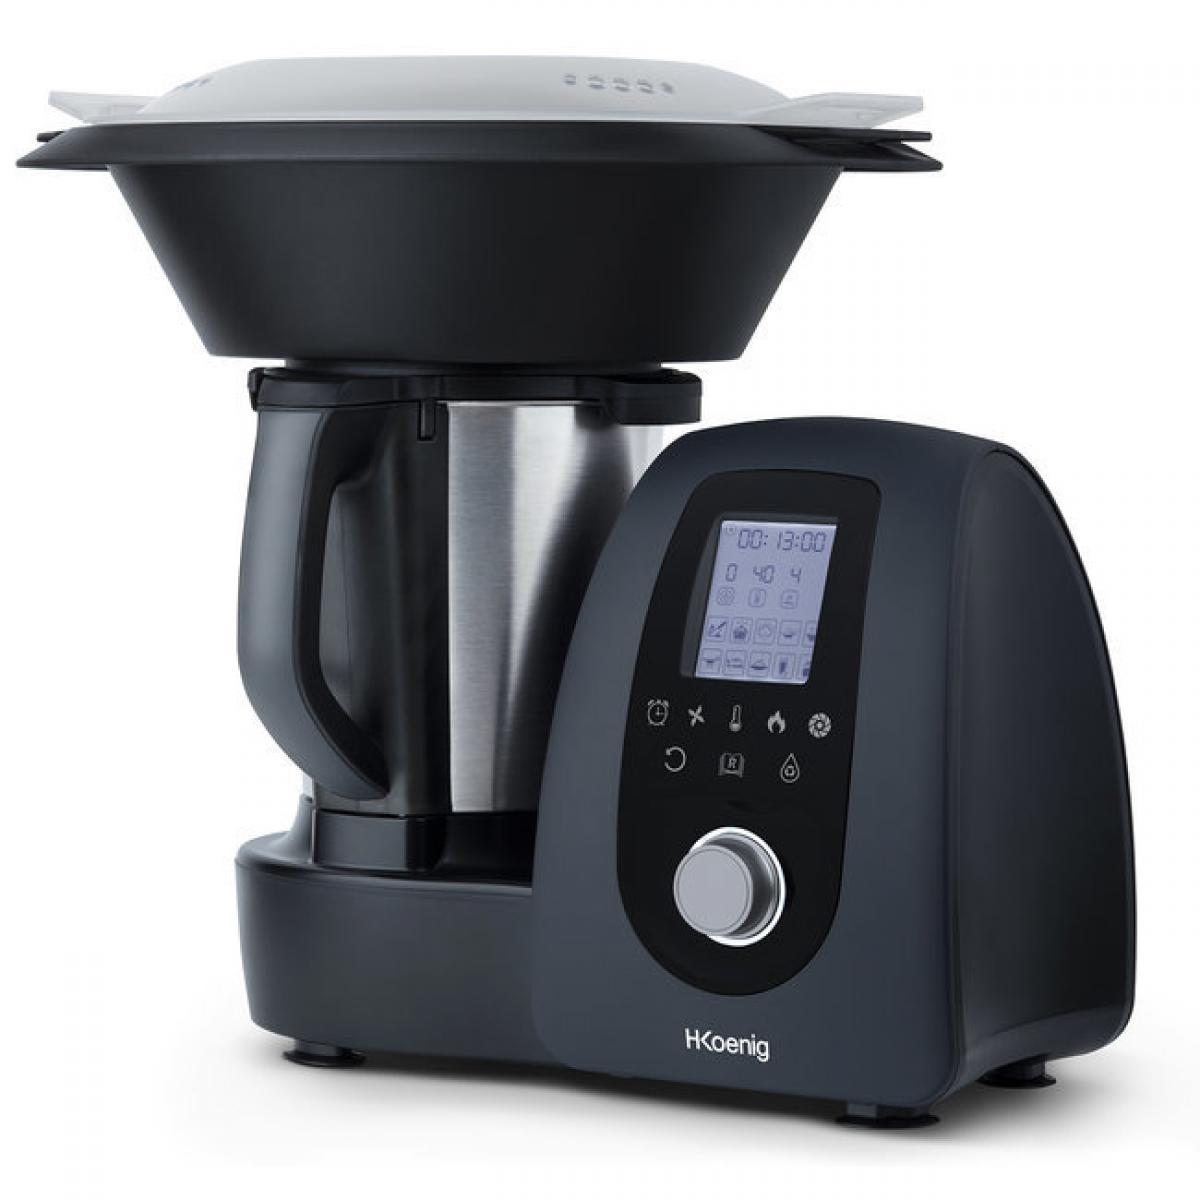 Hkoenig H.KOENIG - Robot de cuisine multifonction, 1000 W, 15 programmes de cuisson, 10 vitesses, 2